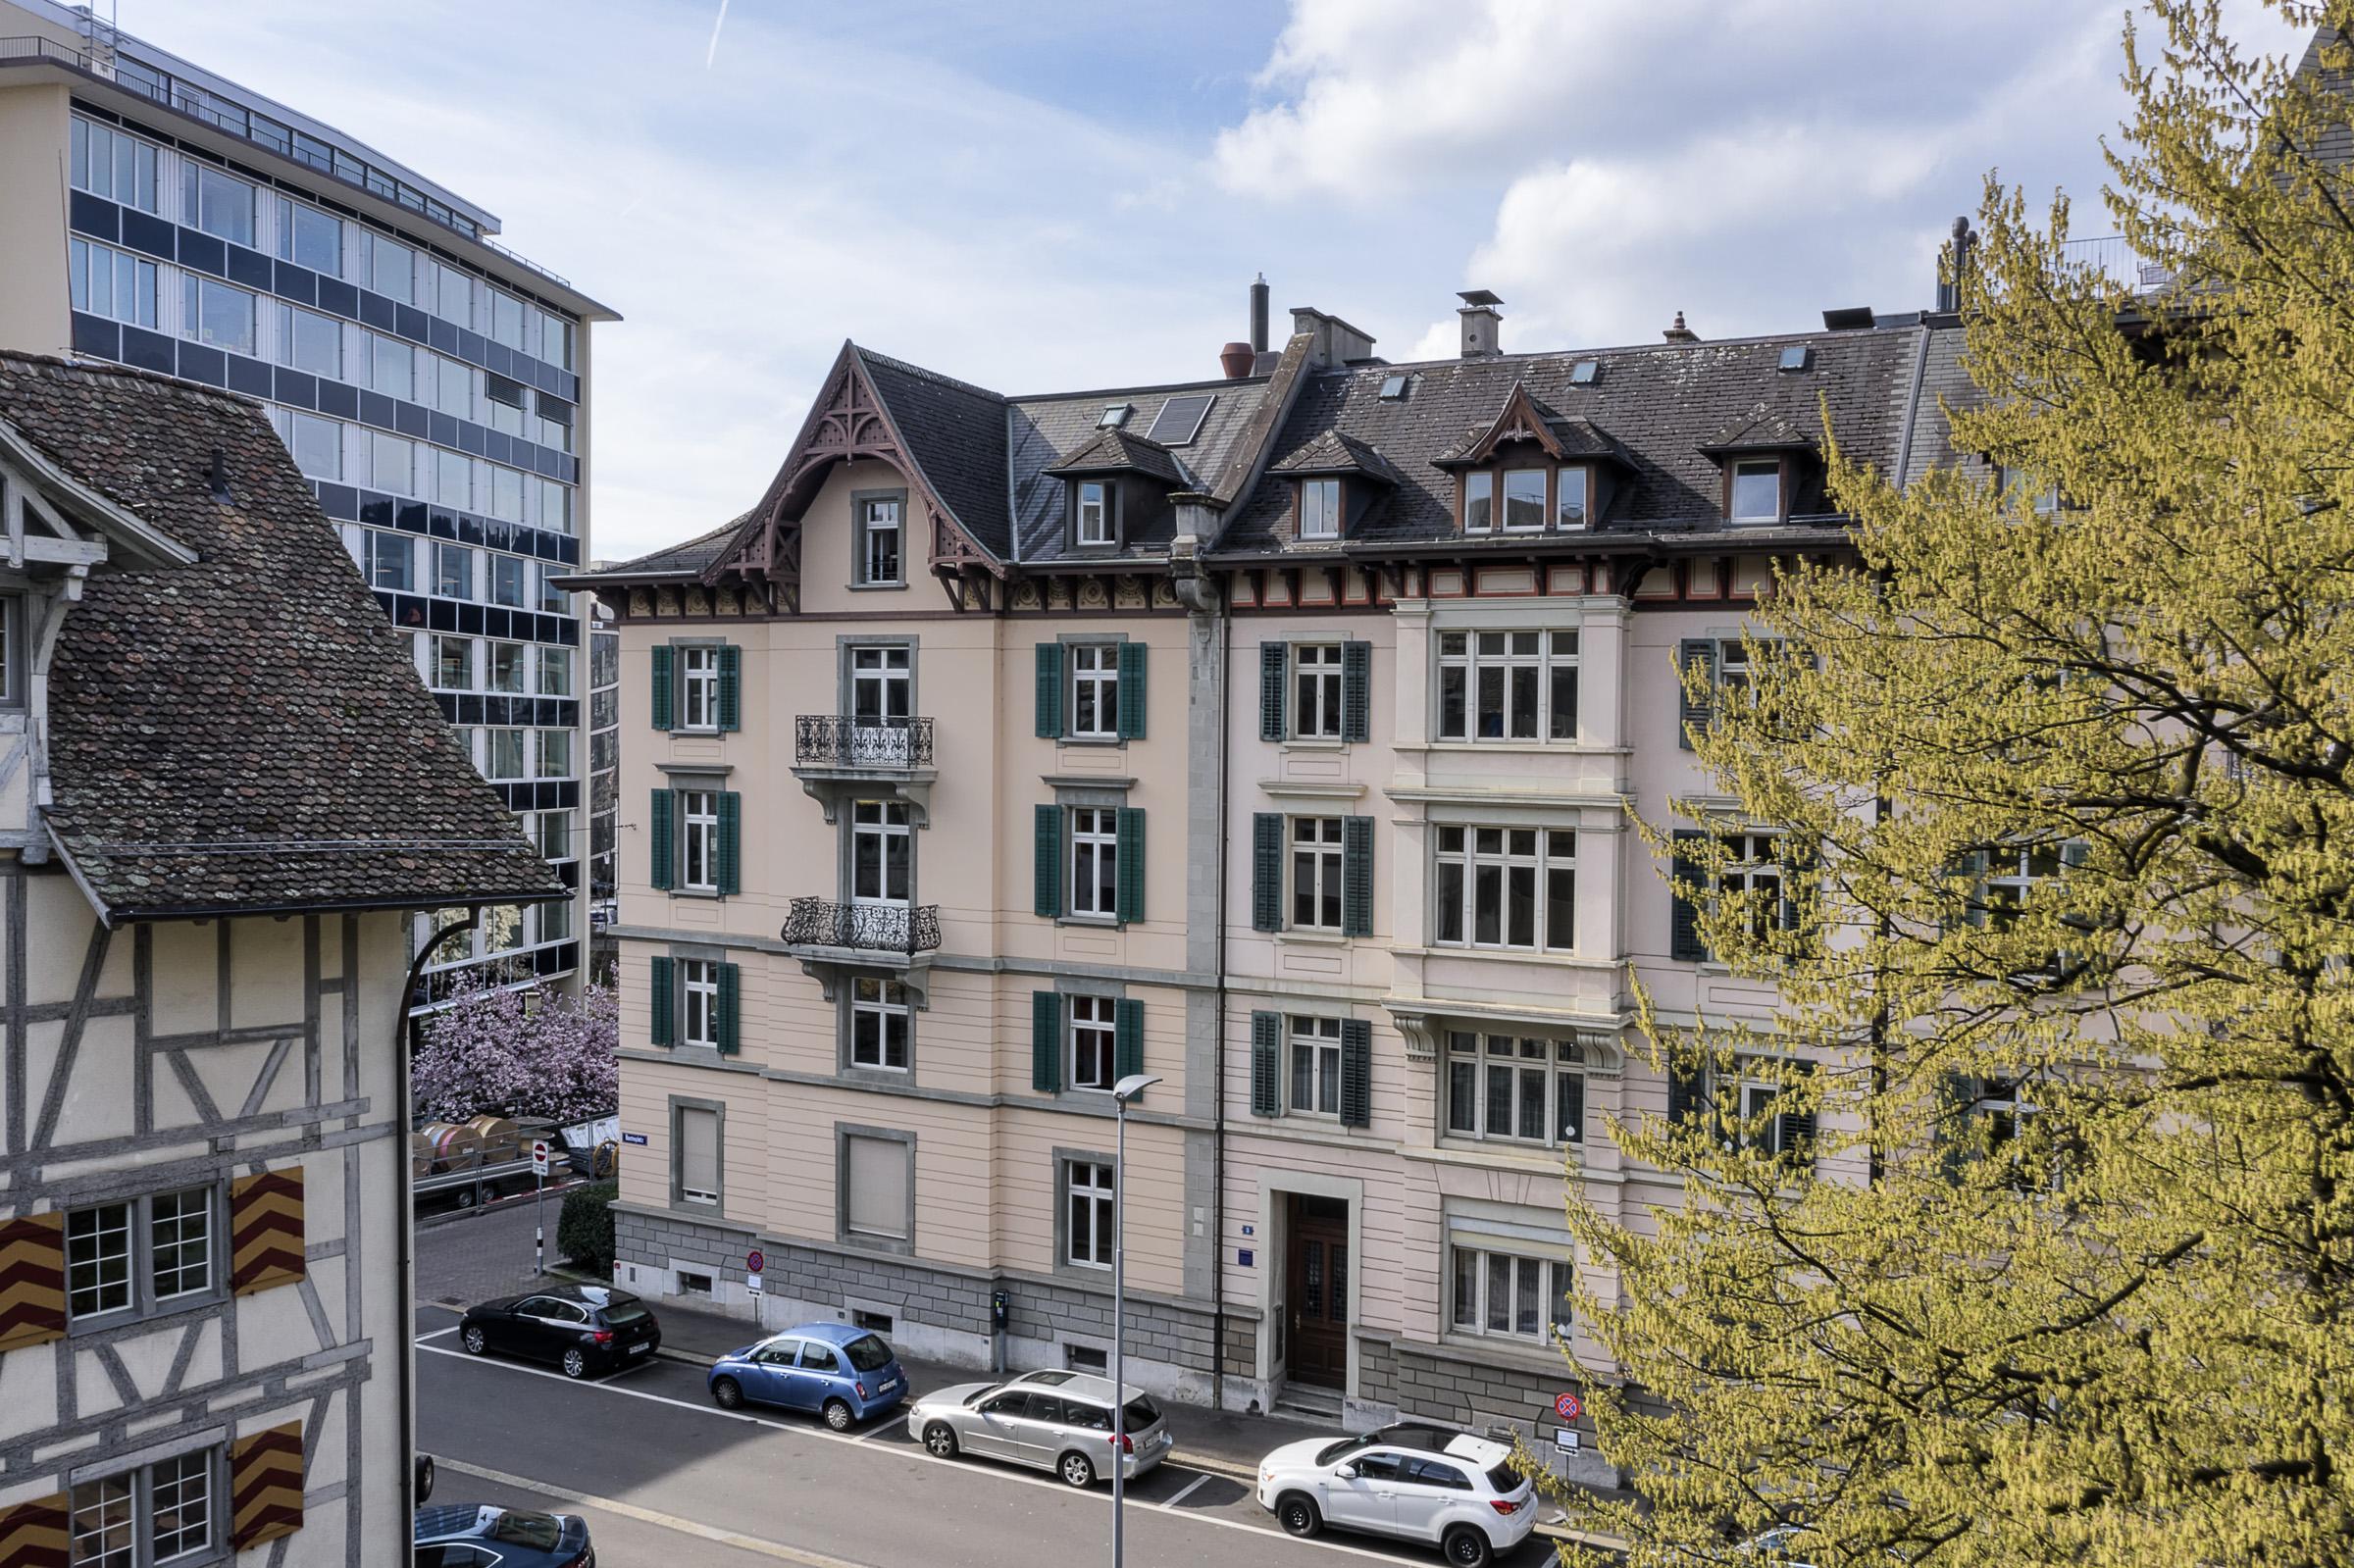 19-107 - Bruppacher Verwaltungs AG - Basteiplatz 3 Zürich--10.jpg